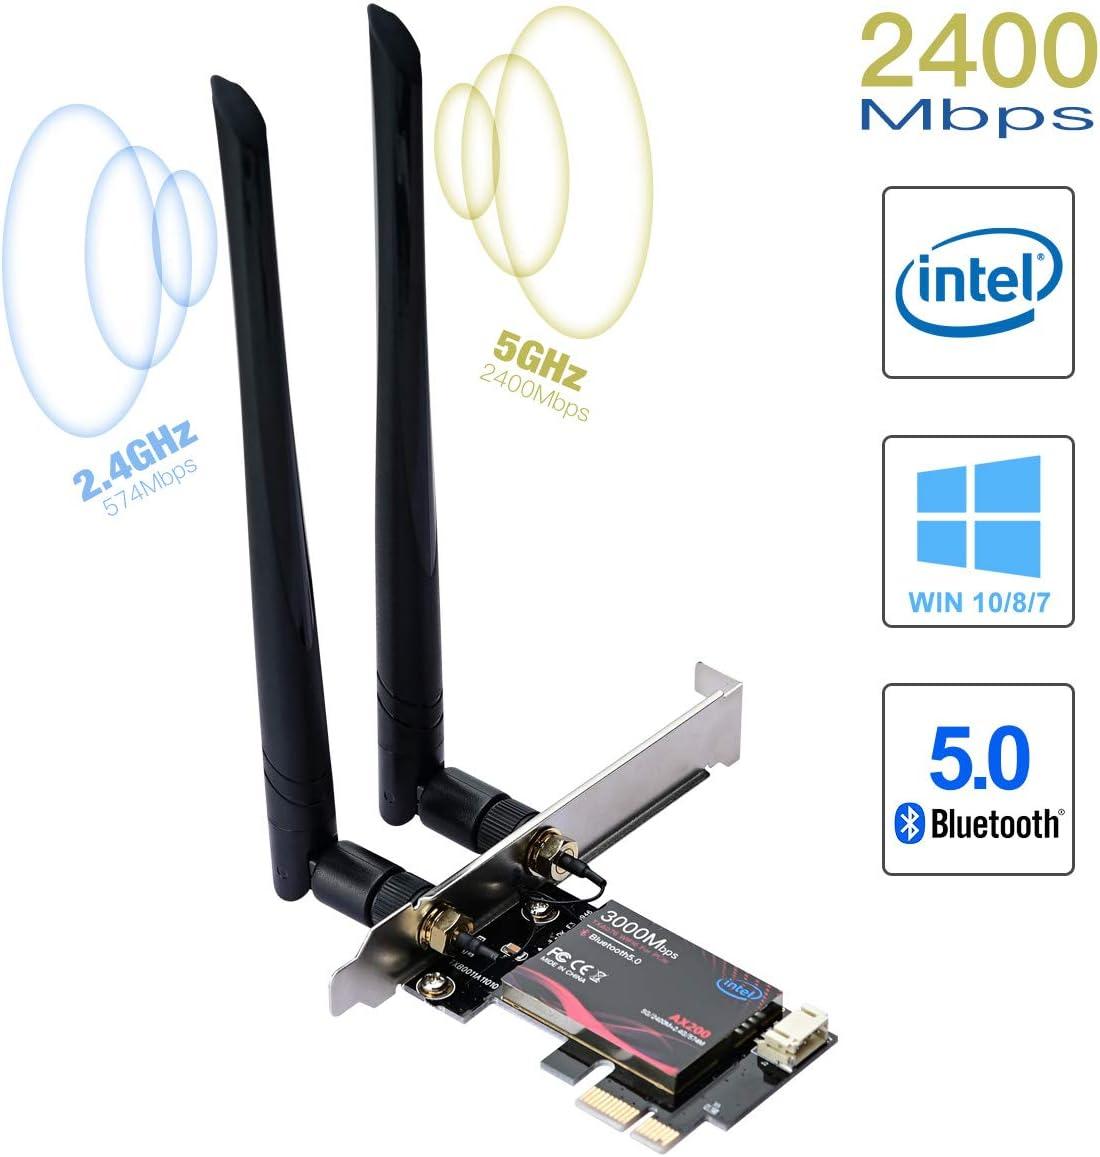 Ultra Low Latency PCI-E Karte Bluetooth 5.0 WiFi 6 AX200 PCIE WLAN-Karte MU-MIMO Dual Band 5 GHz//2,4 GHz Wireless WiFi Netzwerkadapter f/ür PC unterst/ützt Win 10 64-Bit nur schwarz